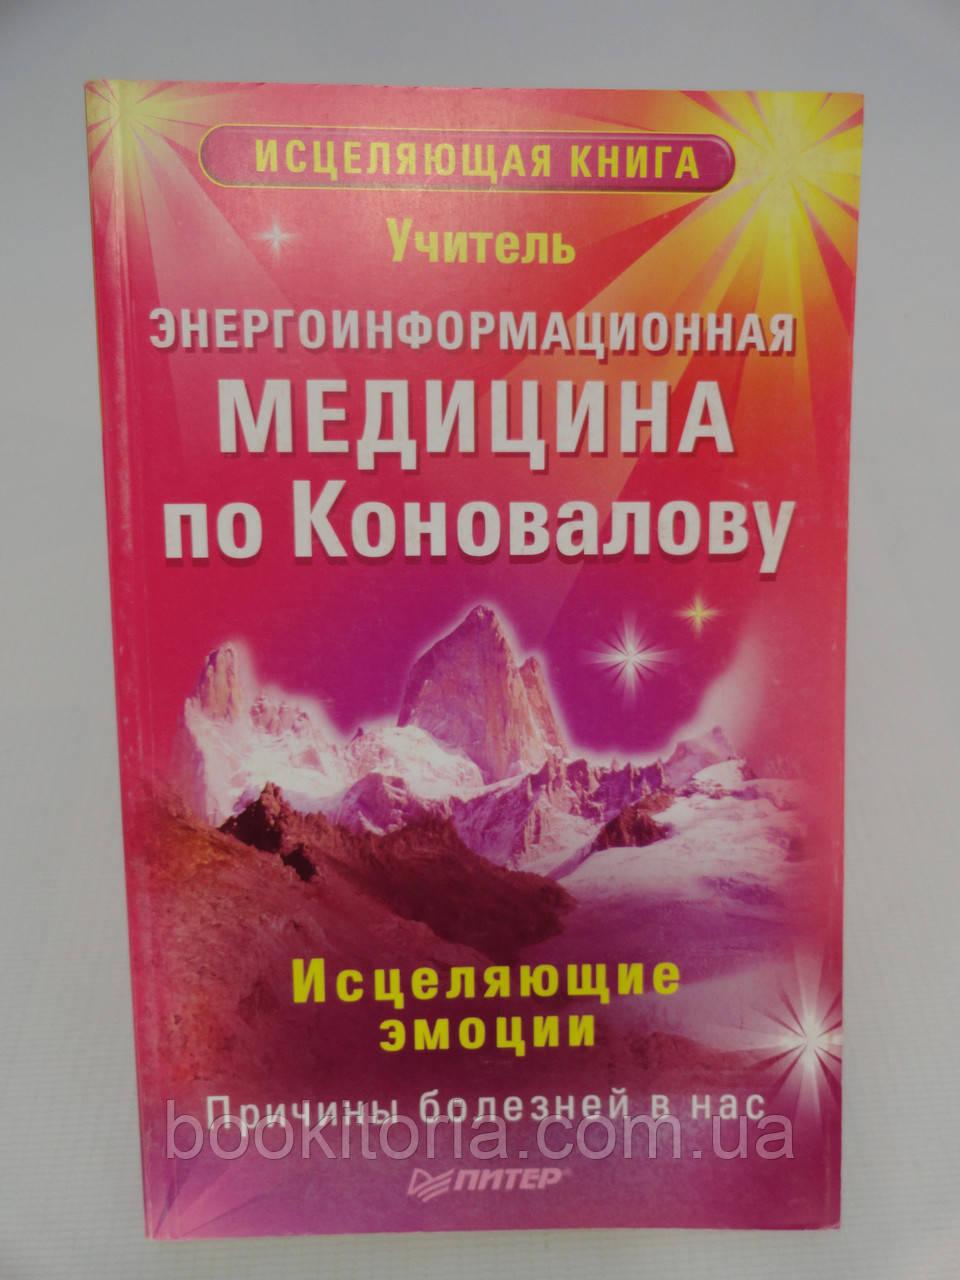 Учитель. Энергоинформационная медицина по Коновалову. Исцеляющие эмоции (б/у).